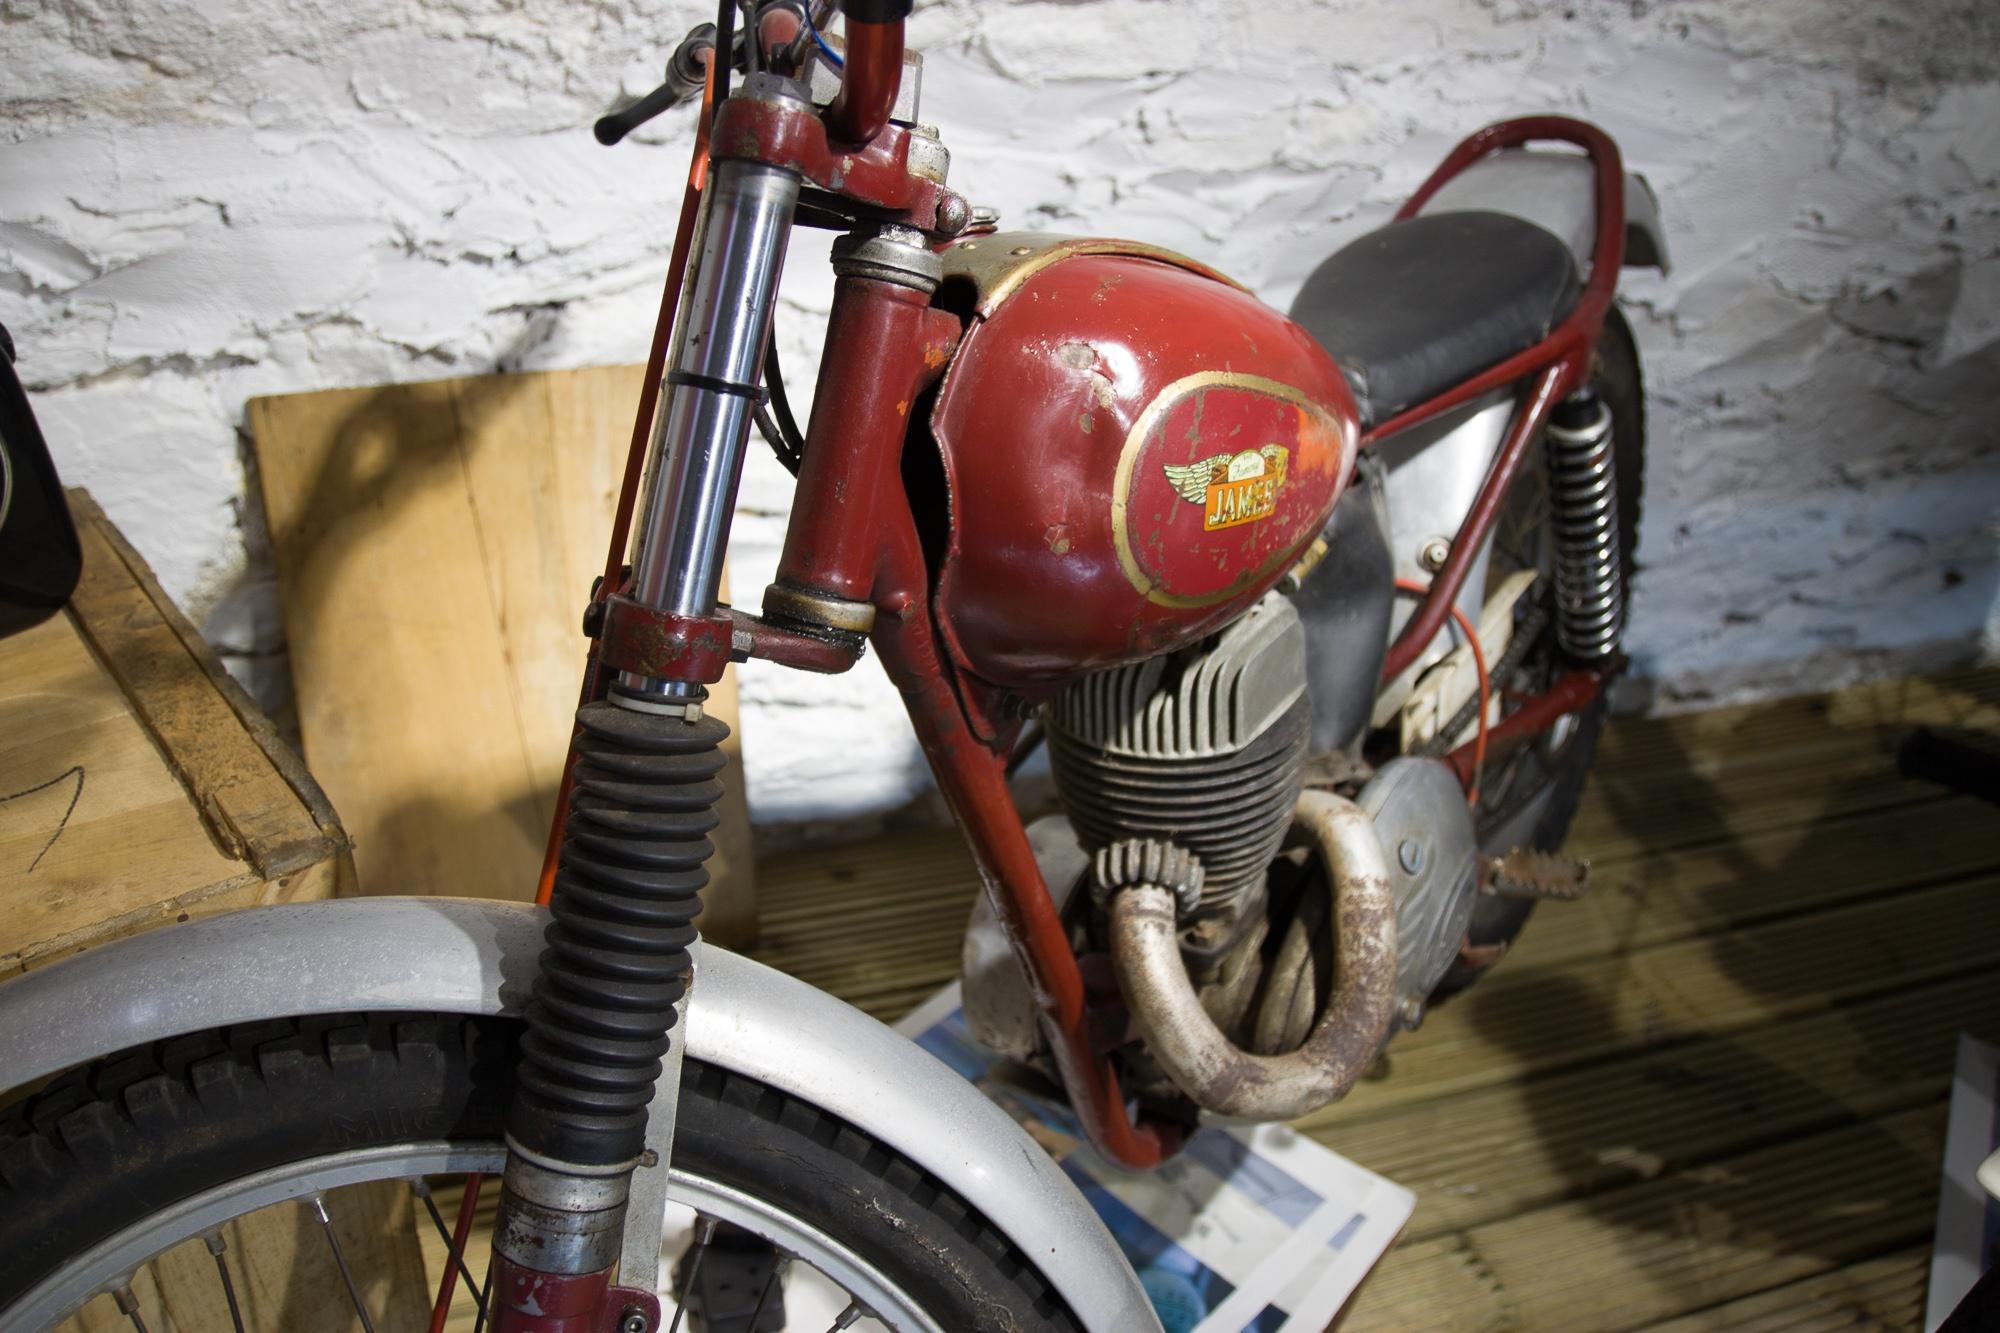 James Commando Trials Bike 197cc